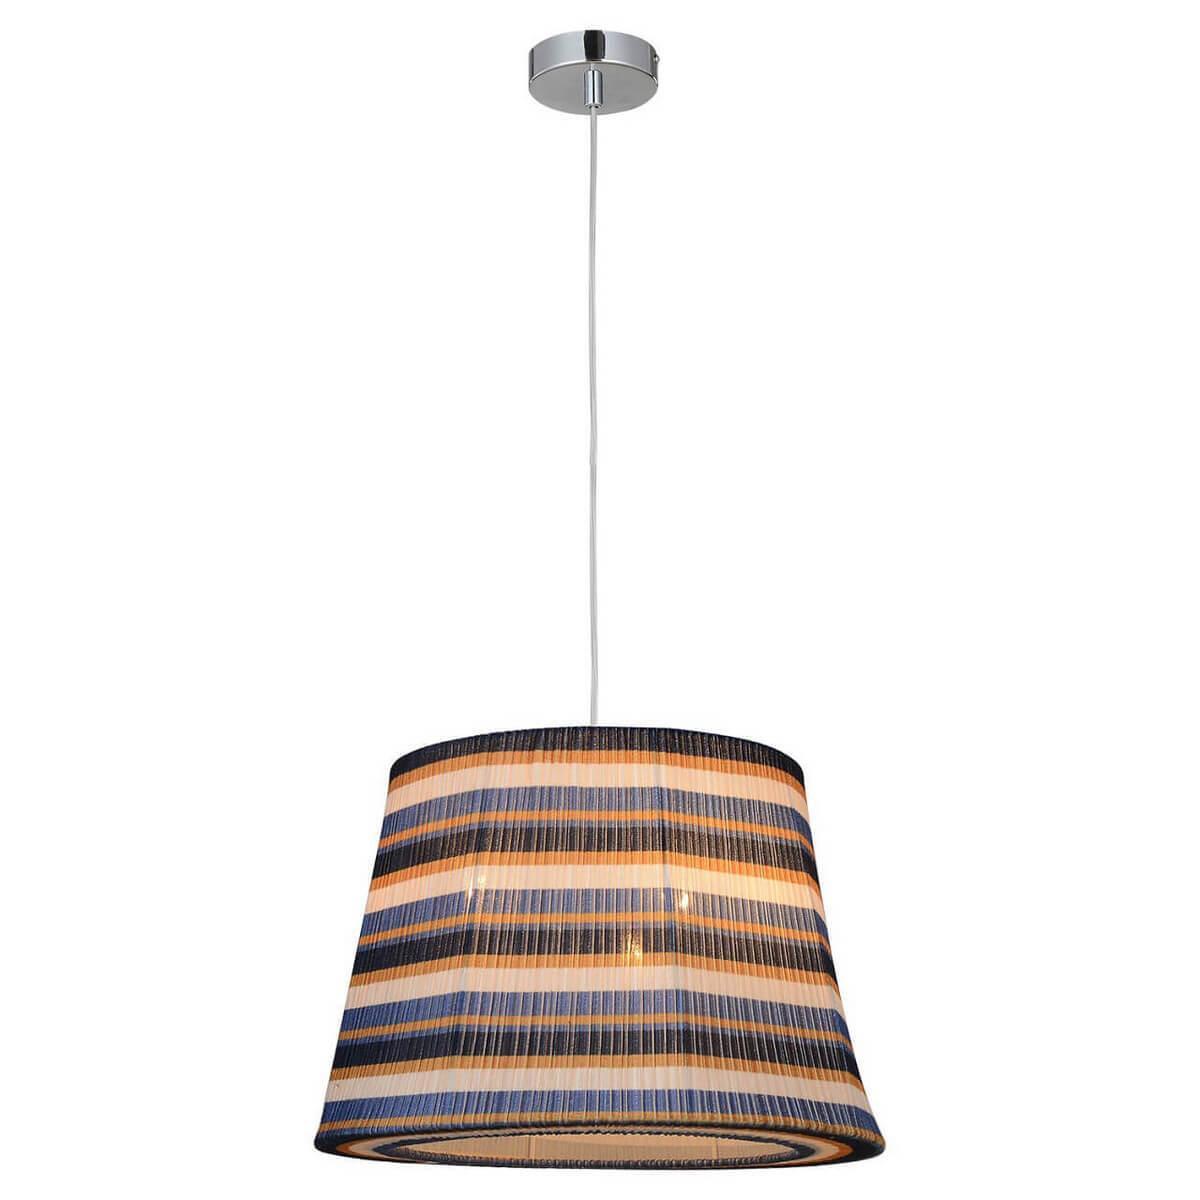 Подвесной светильник Lussole GRLSP-9990, E27, 11 Вт подвесной светильник lussole grlsp 9678 коричневый